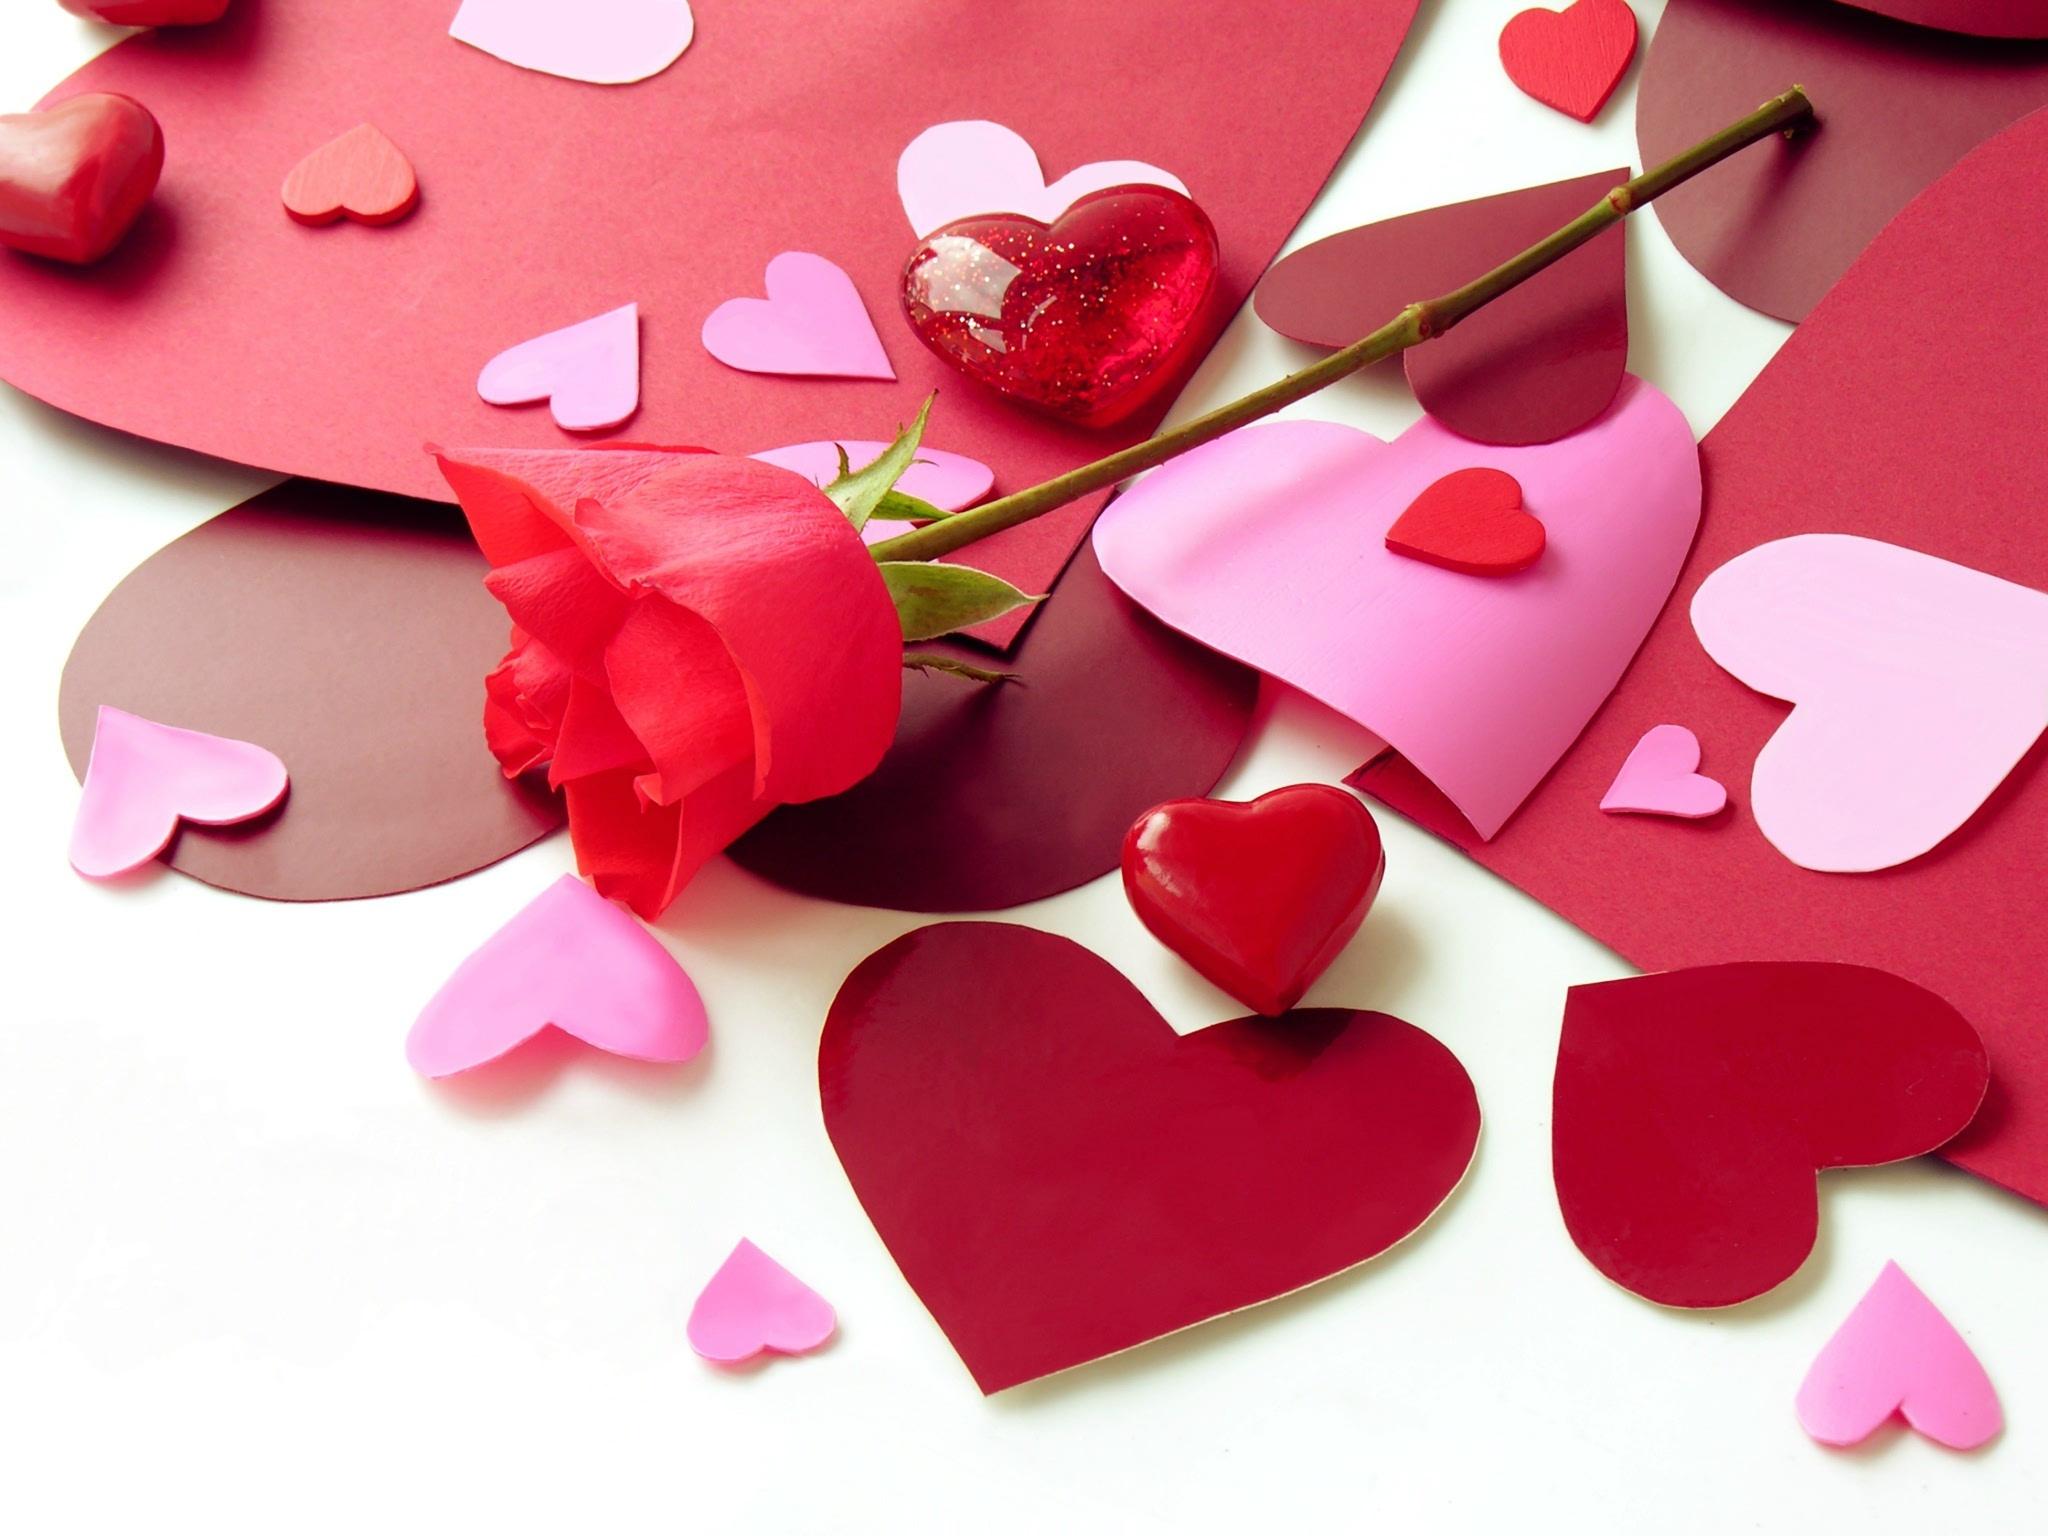 35张关于爱情(我爱你)love的唯美可爱壁纸